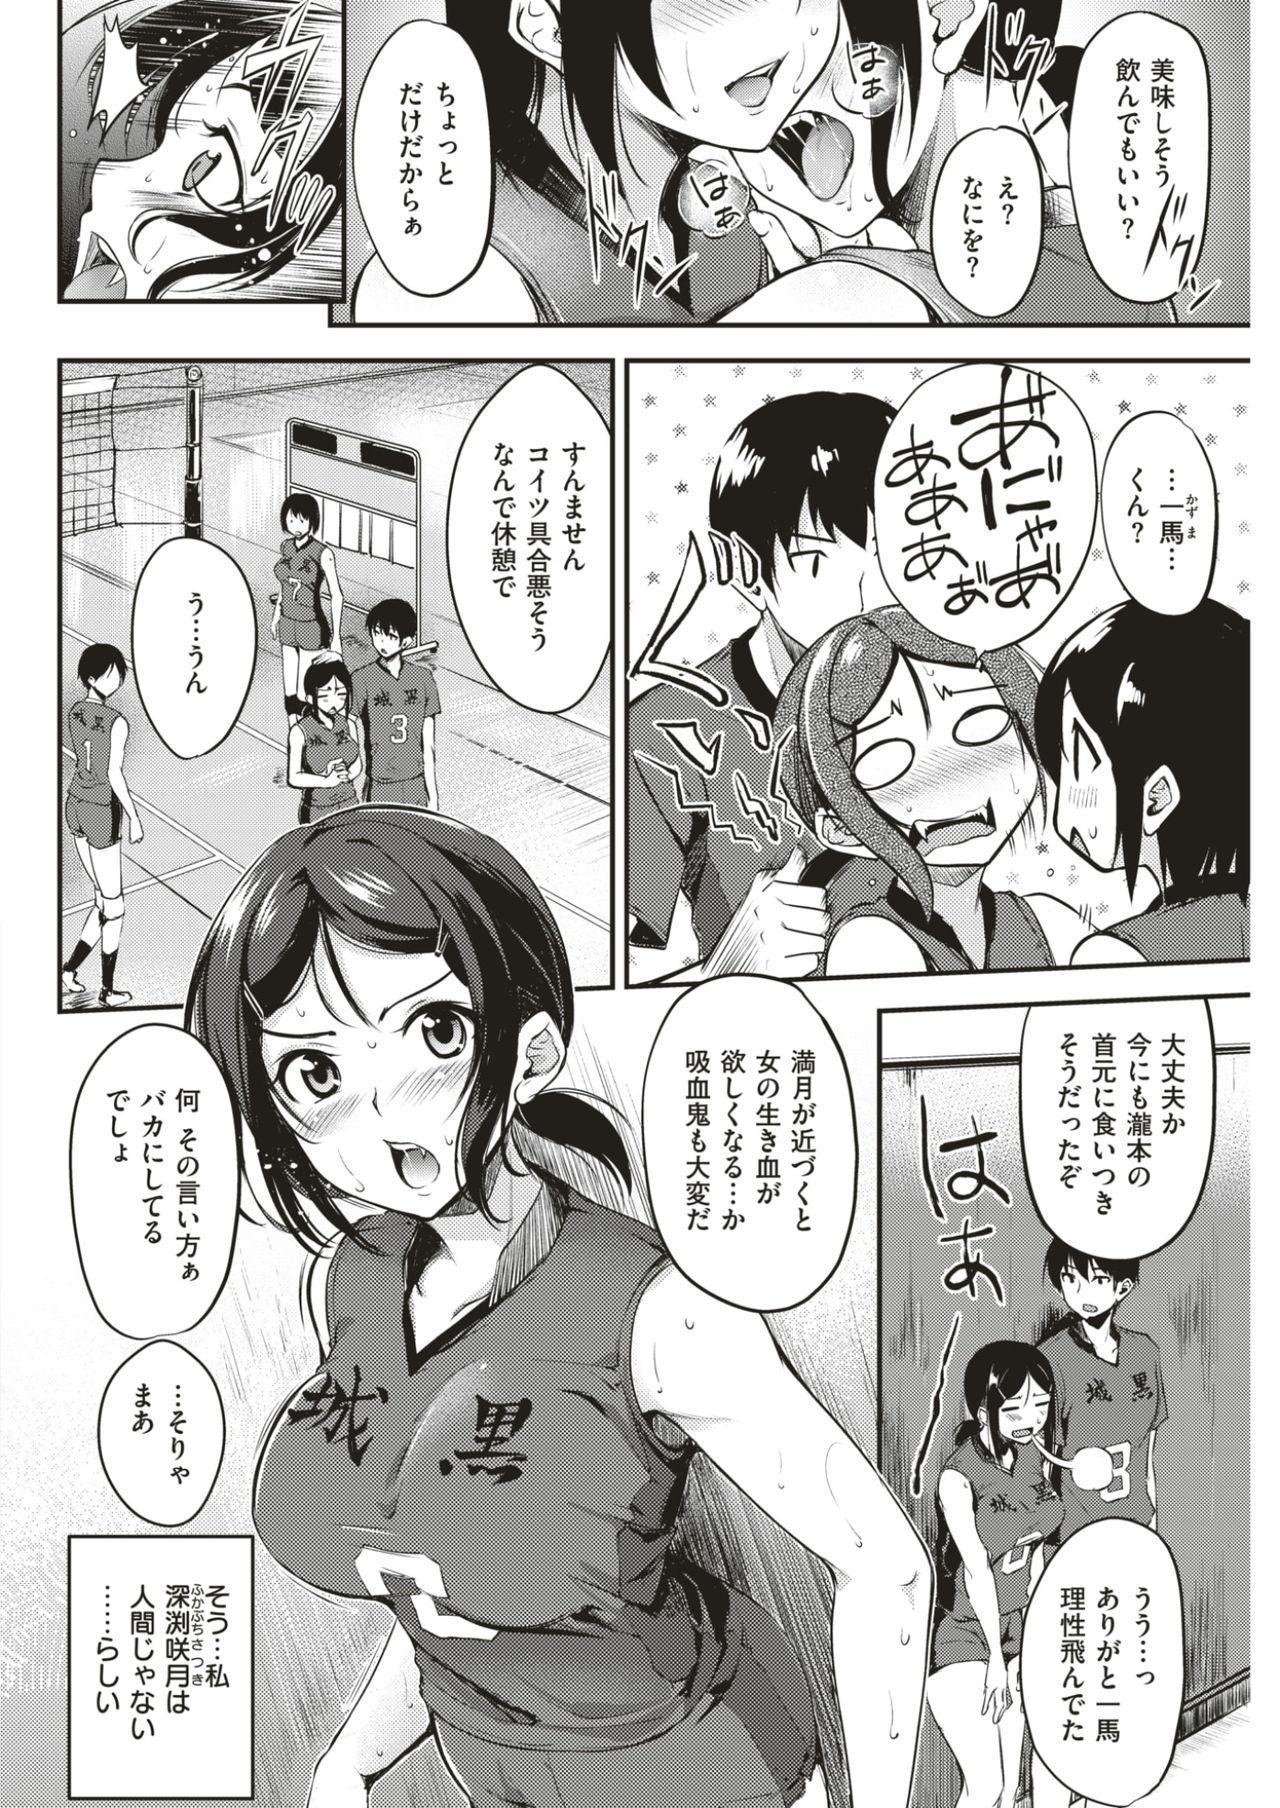 COMIC Kairakuten BEAST 2017-03 112